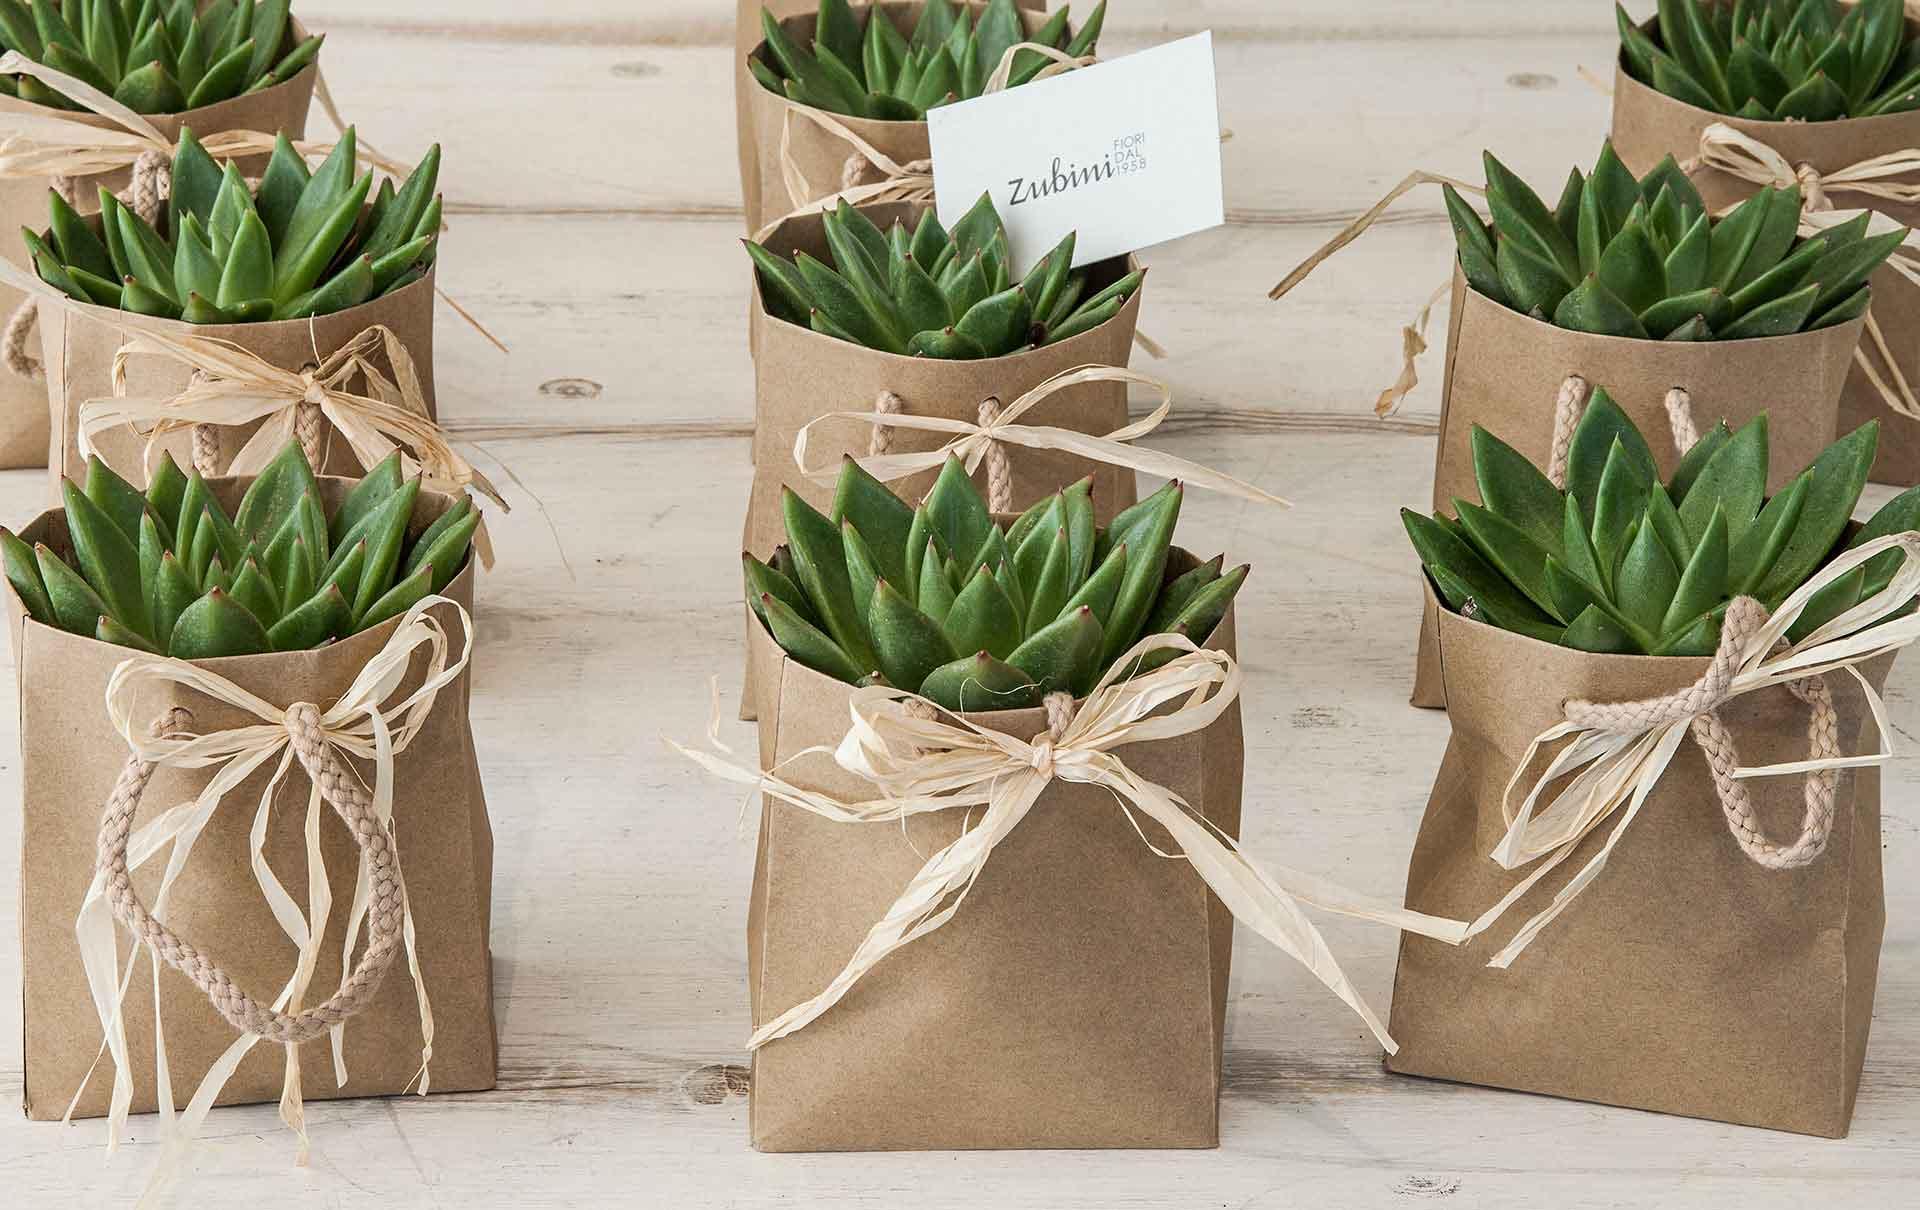 Piante grasse piante da appartamento zubini - Piante da interno resistenti ...